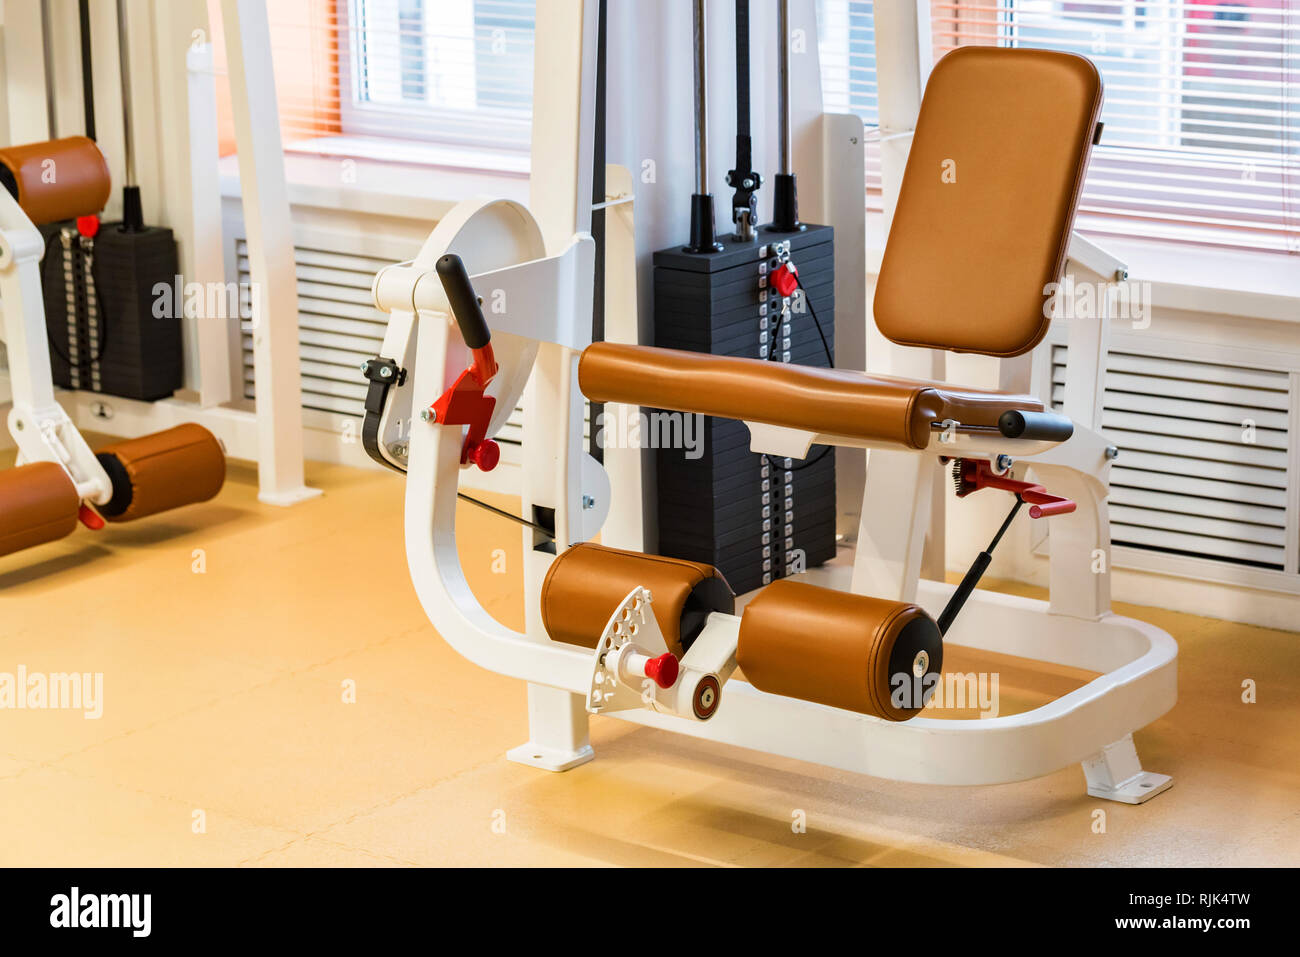 Extensión de pierna vacío máquina de ejercicio en el moderno gimnasio Imagen De Stock